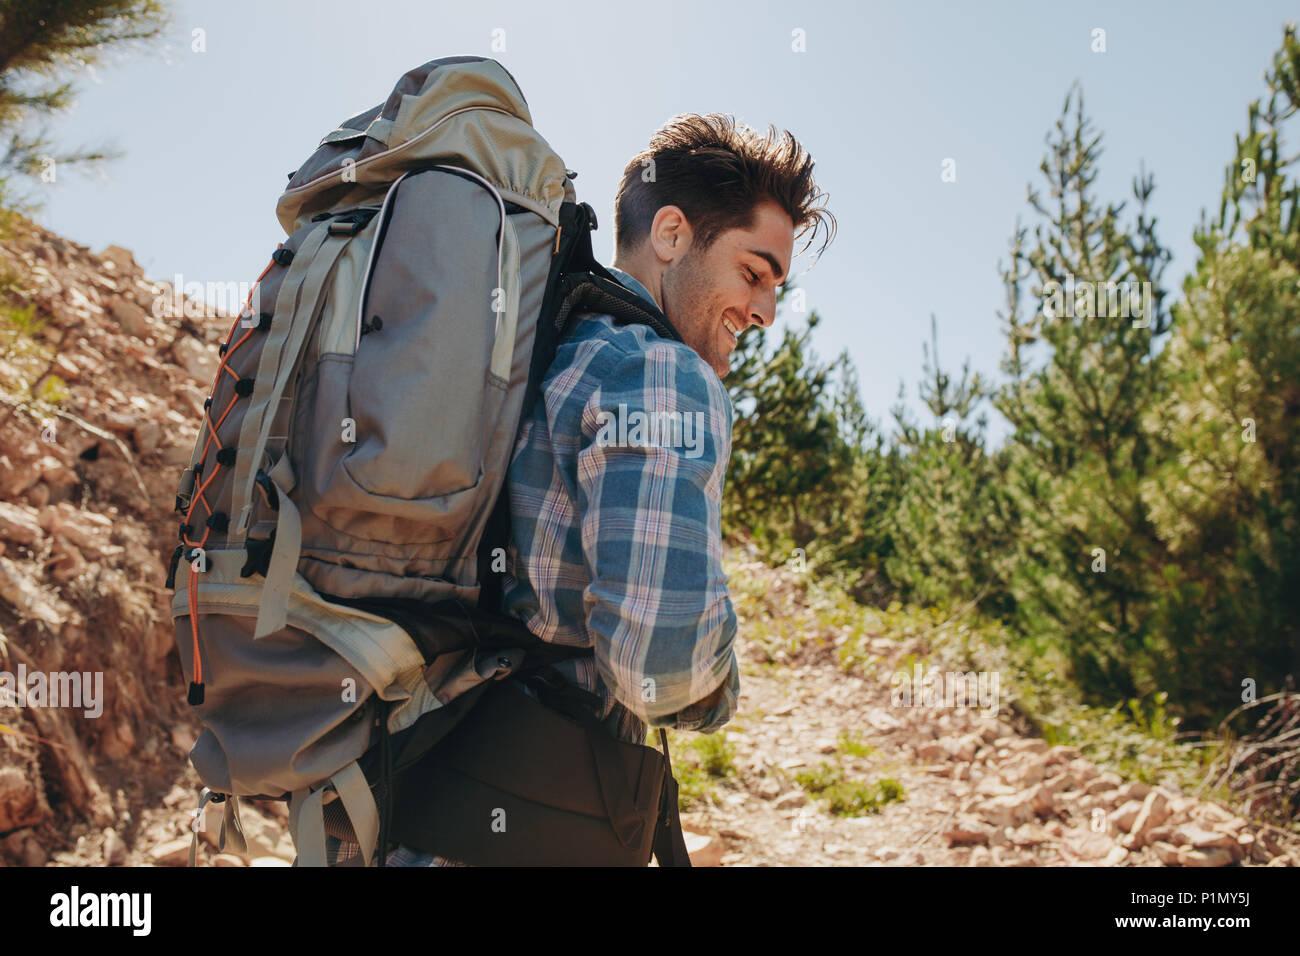 Ansicht von hinten geschossen von lächelnden jungen Kerl mit Rucksack wandern in den Bergen. Kaukasier Männlich Wanderer Trekking auf dem Berg. Stockbild